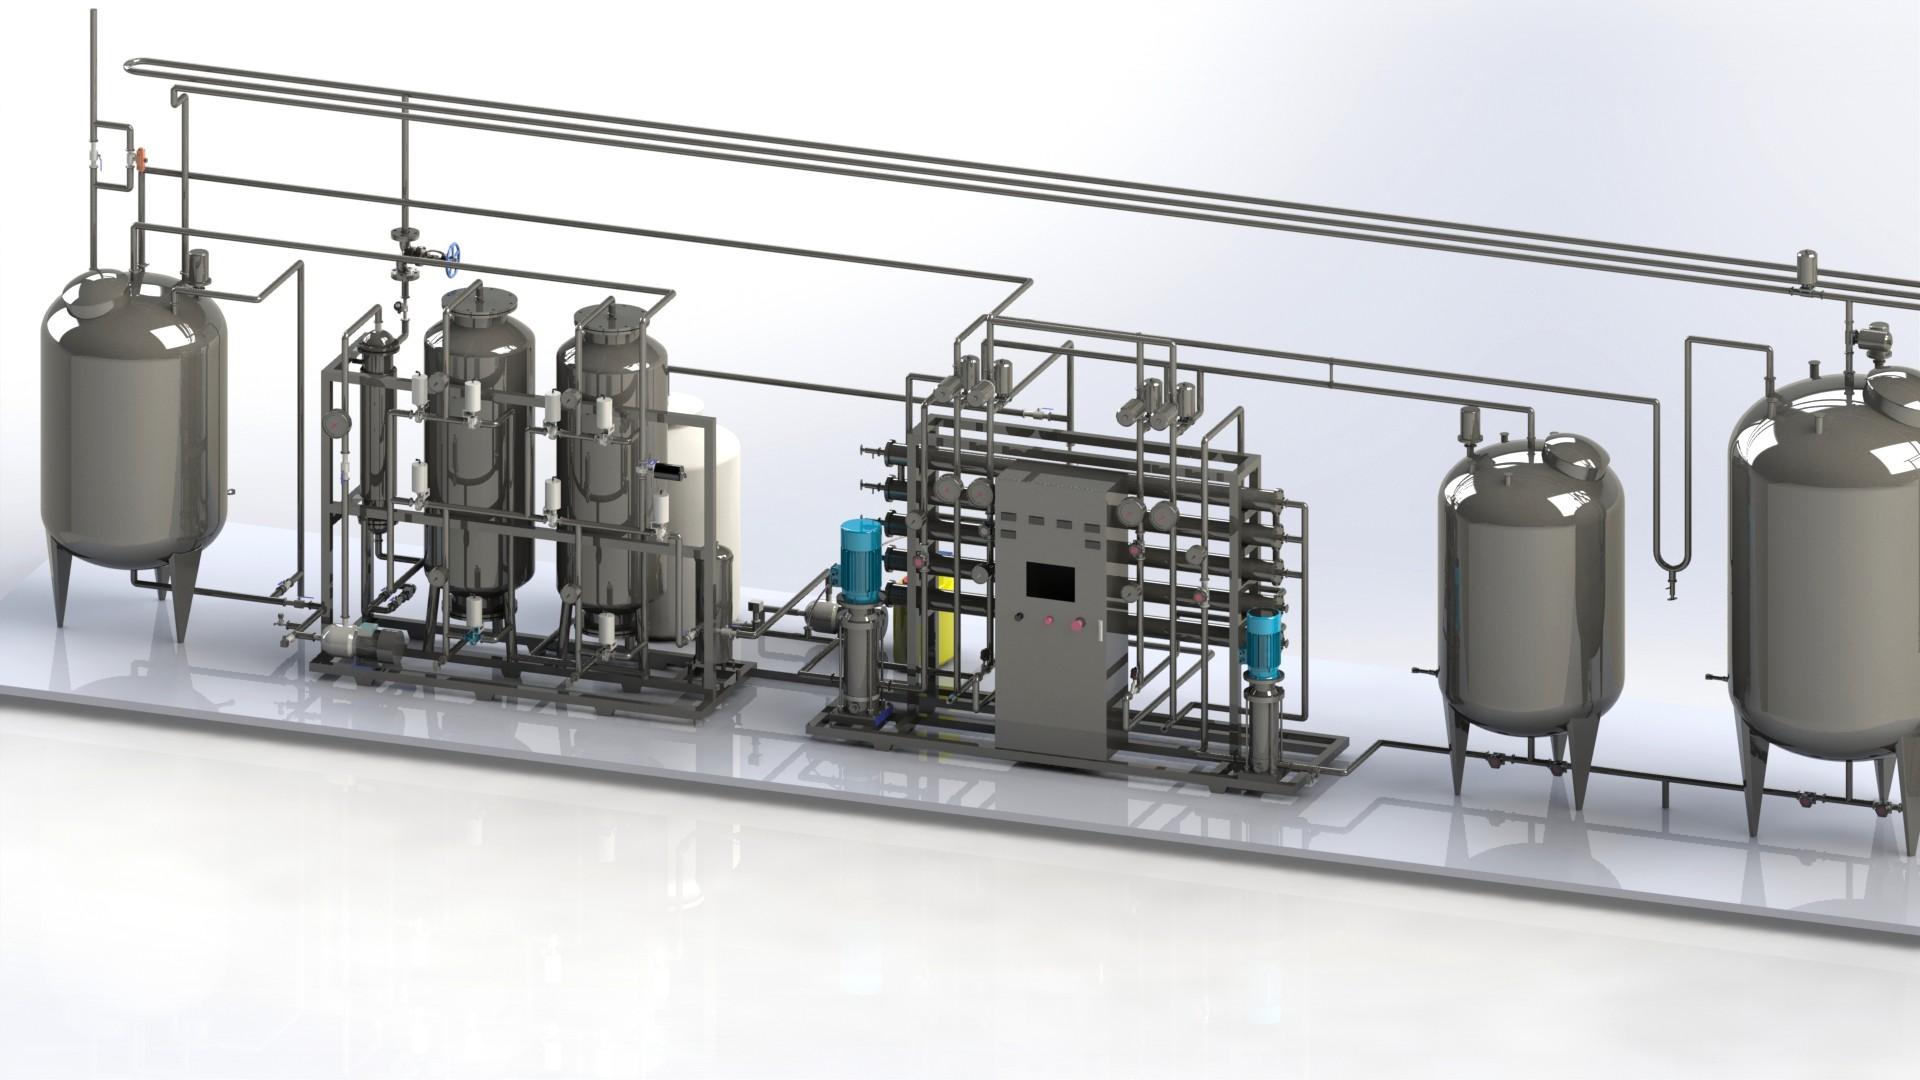 医用纯化水设备需要注意哪些日常维护保养?